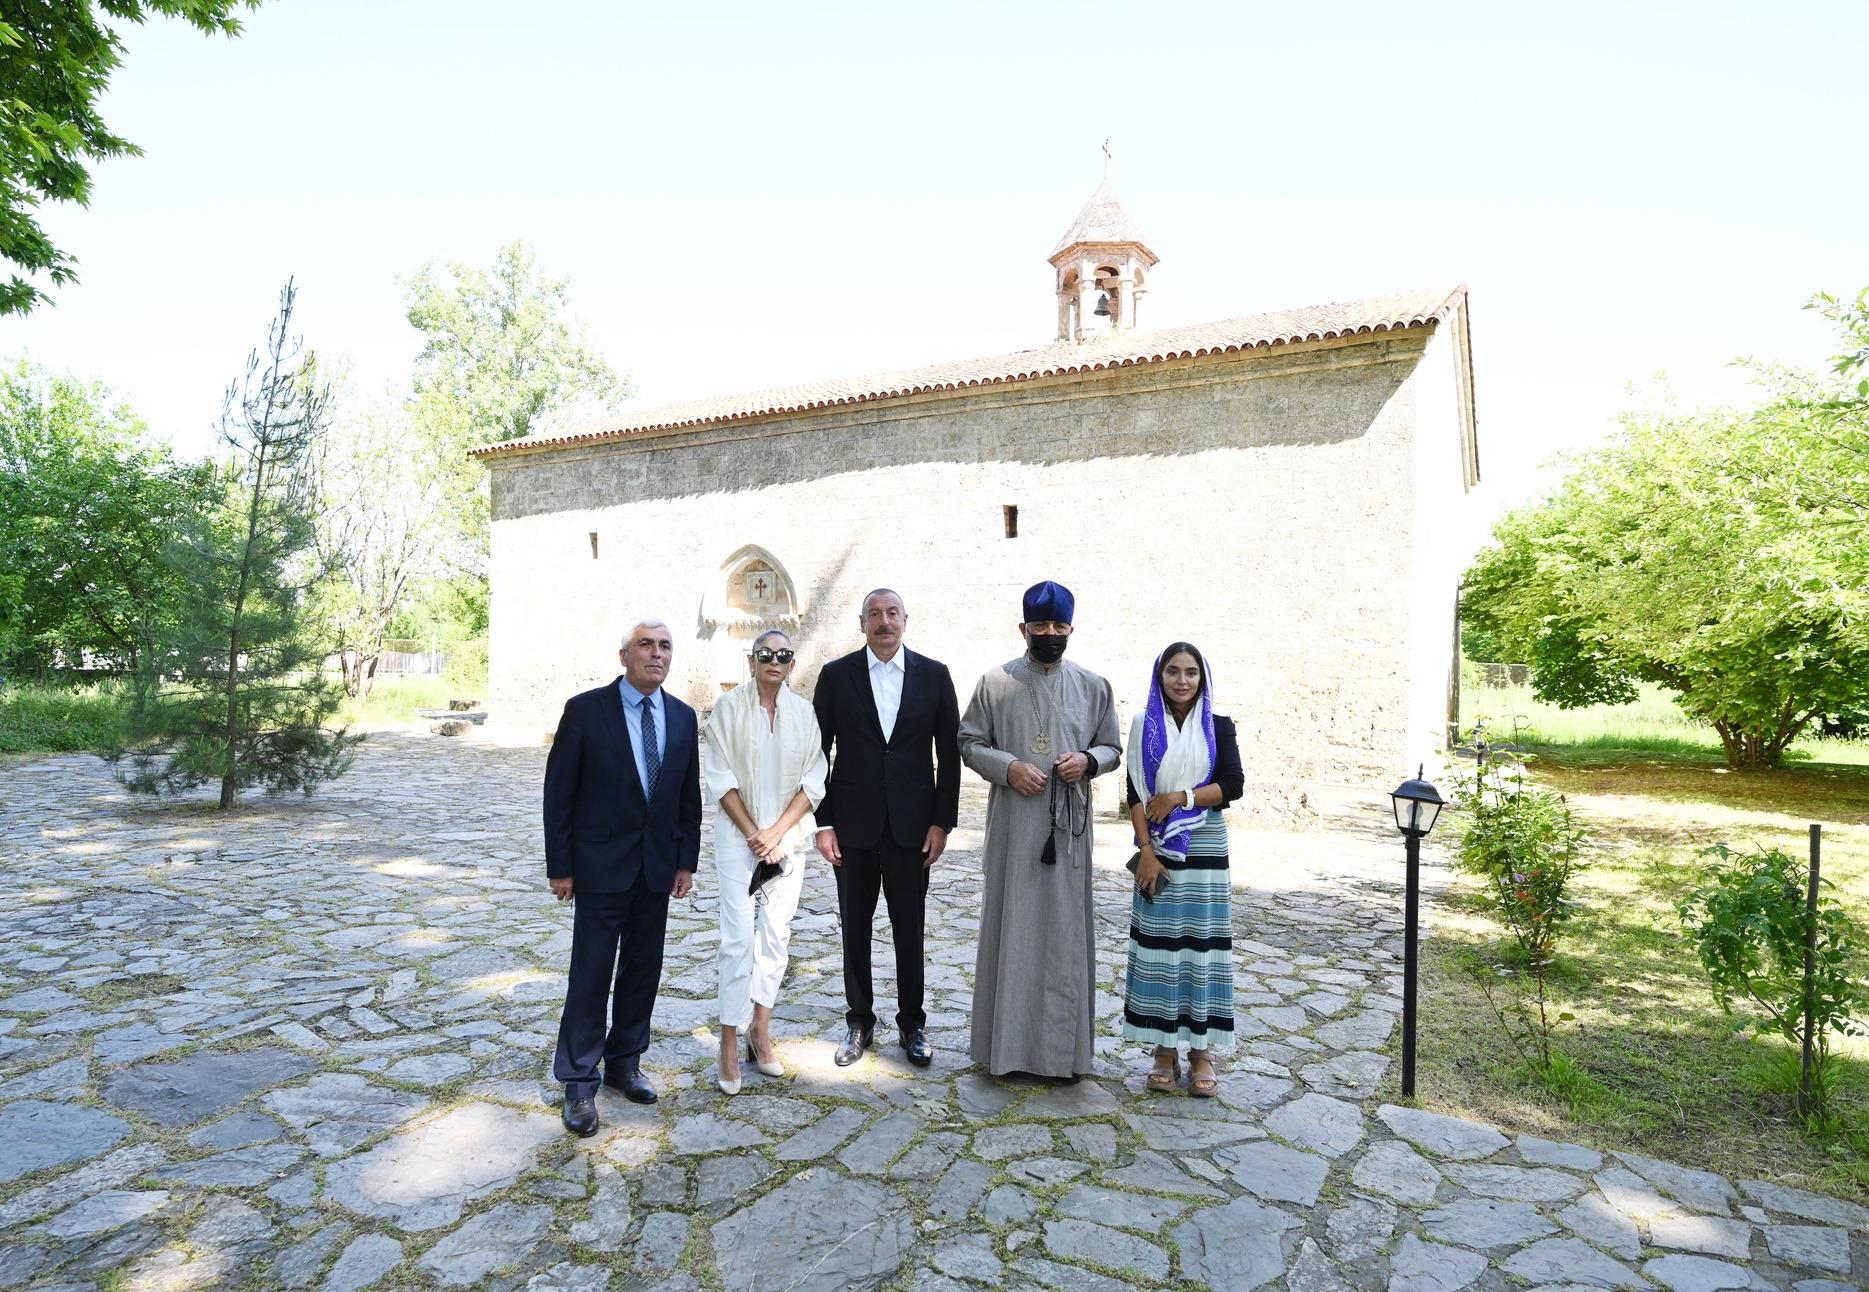 Президент Ильхам Алиев и Первая леди Мехрибан Алиева посетили среднюю школу номер 1 и церковь Cвятого Елисея «Чотари» в селе Нидж